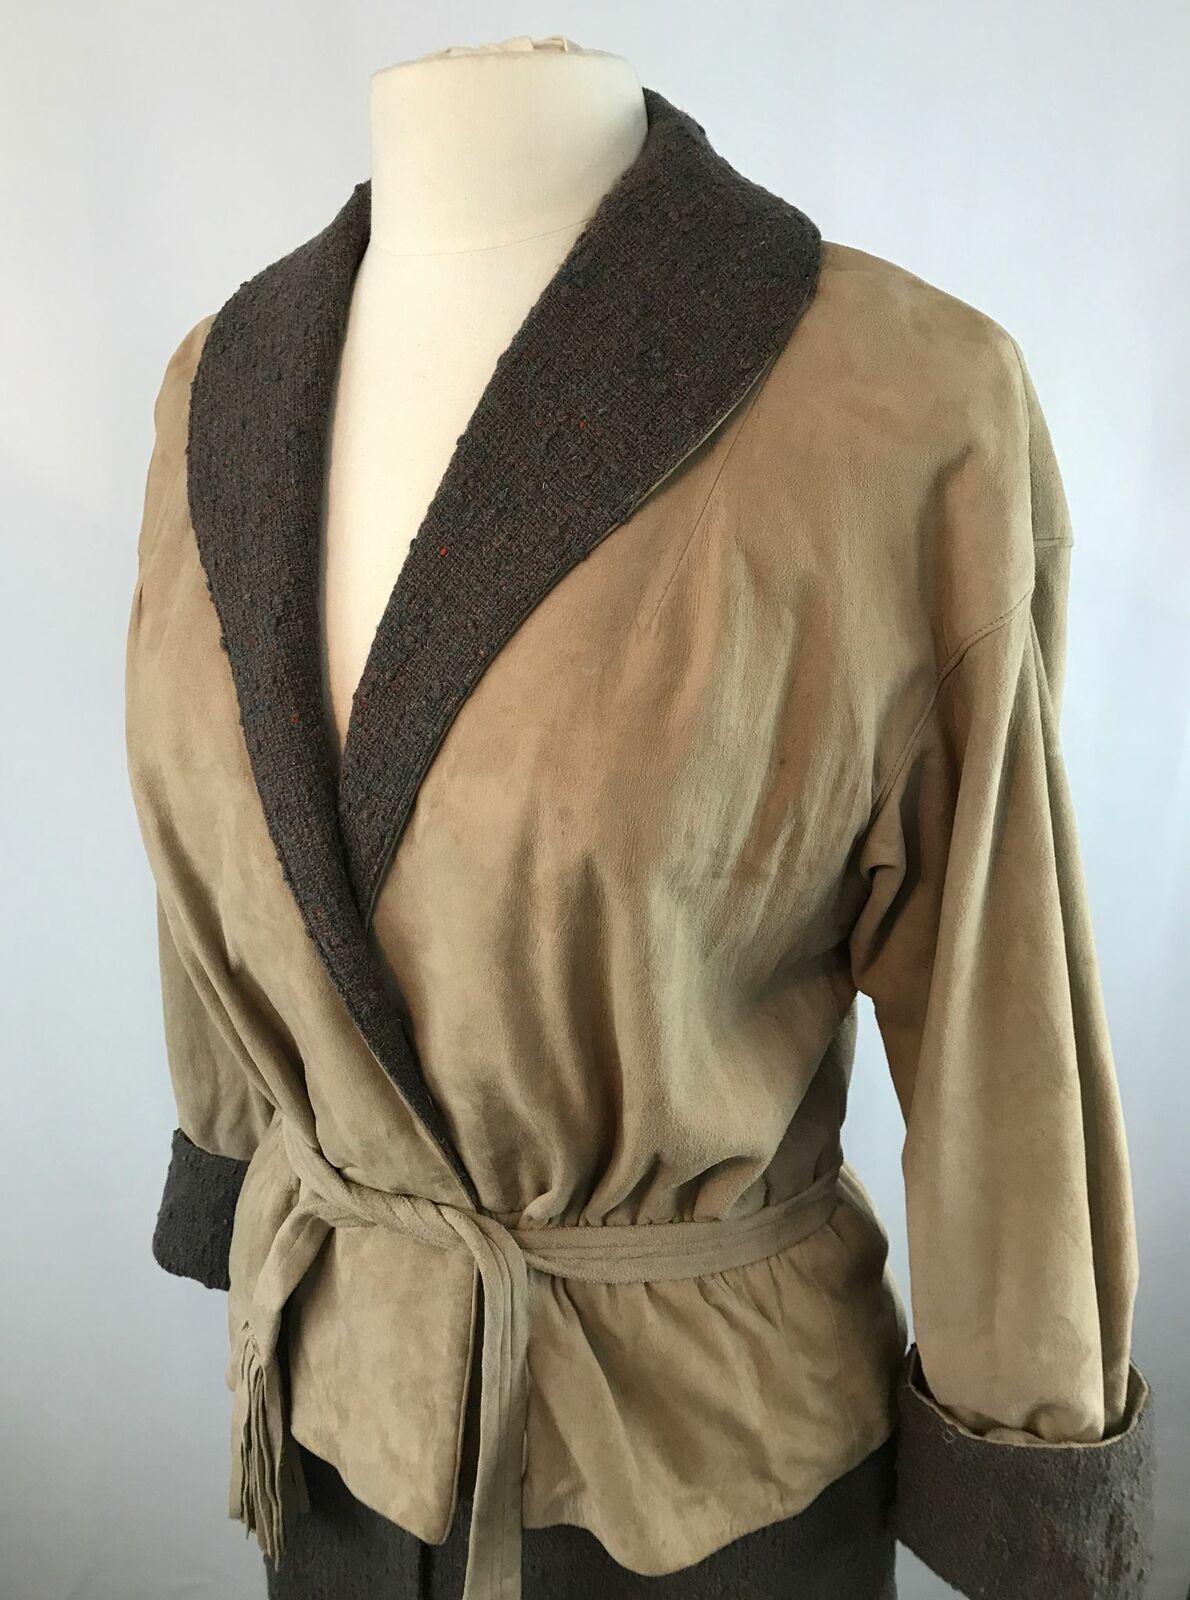 Vintage Bonnie Cashin Leather Jacket and Skirt Se… - image 2